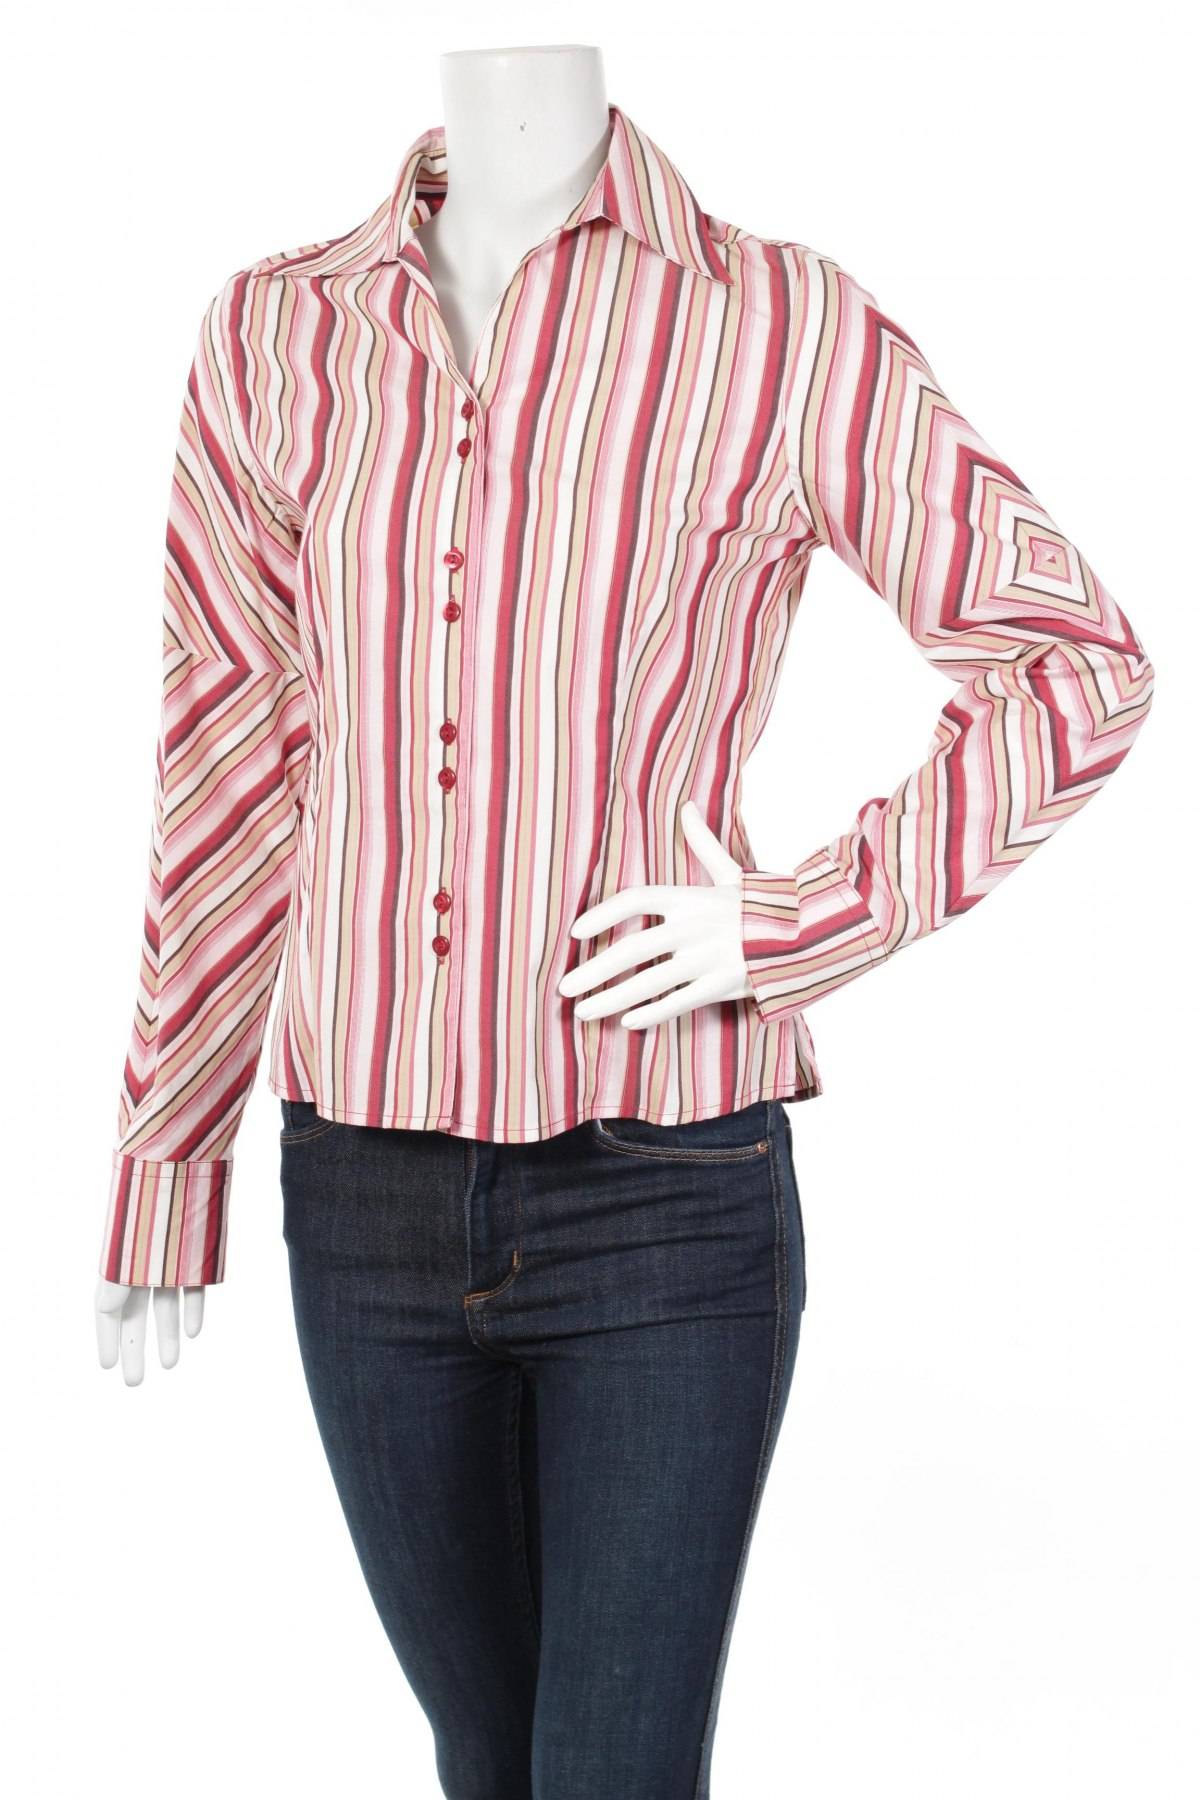 Γυναικείο πουκάμισο One Touch, Μέγεθος S, Χρώμα Πολύχρωμο, 68% βαμβάκι, 29% πολυαμίδη, 3% ελαστάνη, Τιμή 18,56€